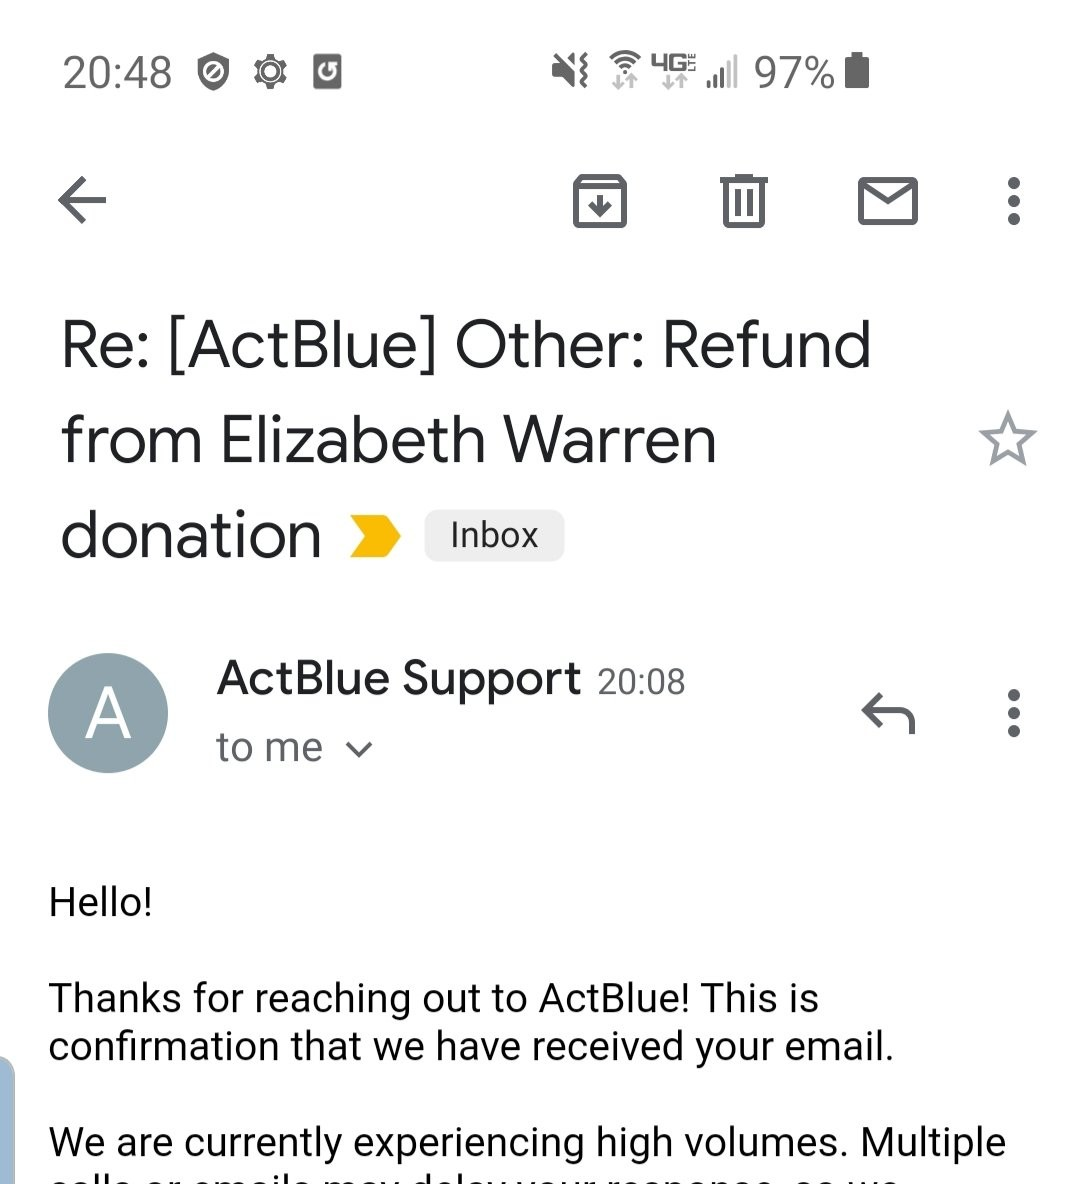 Warren refund receipt